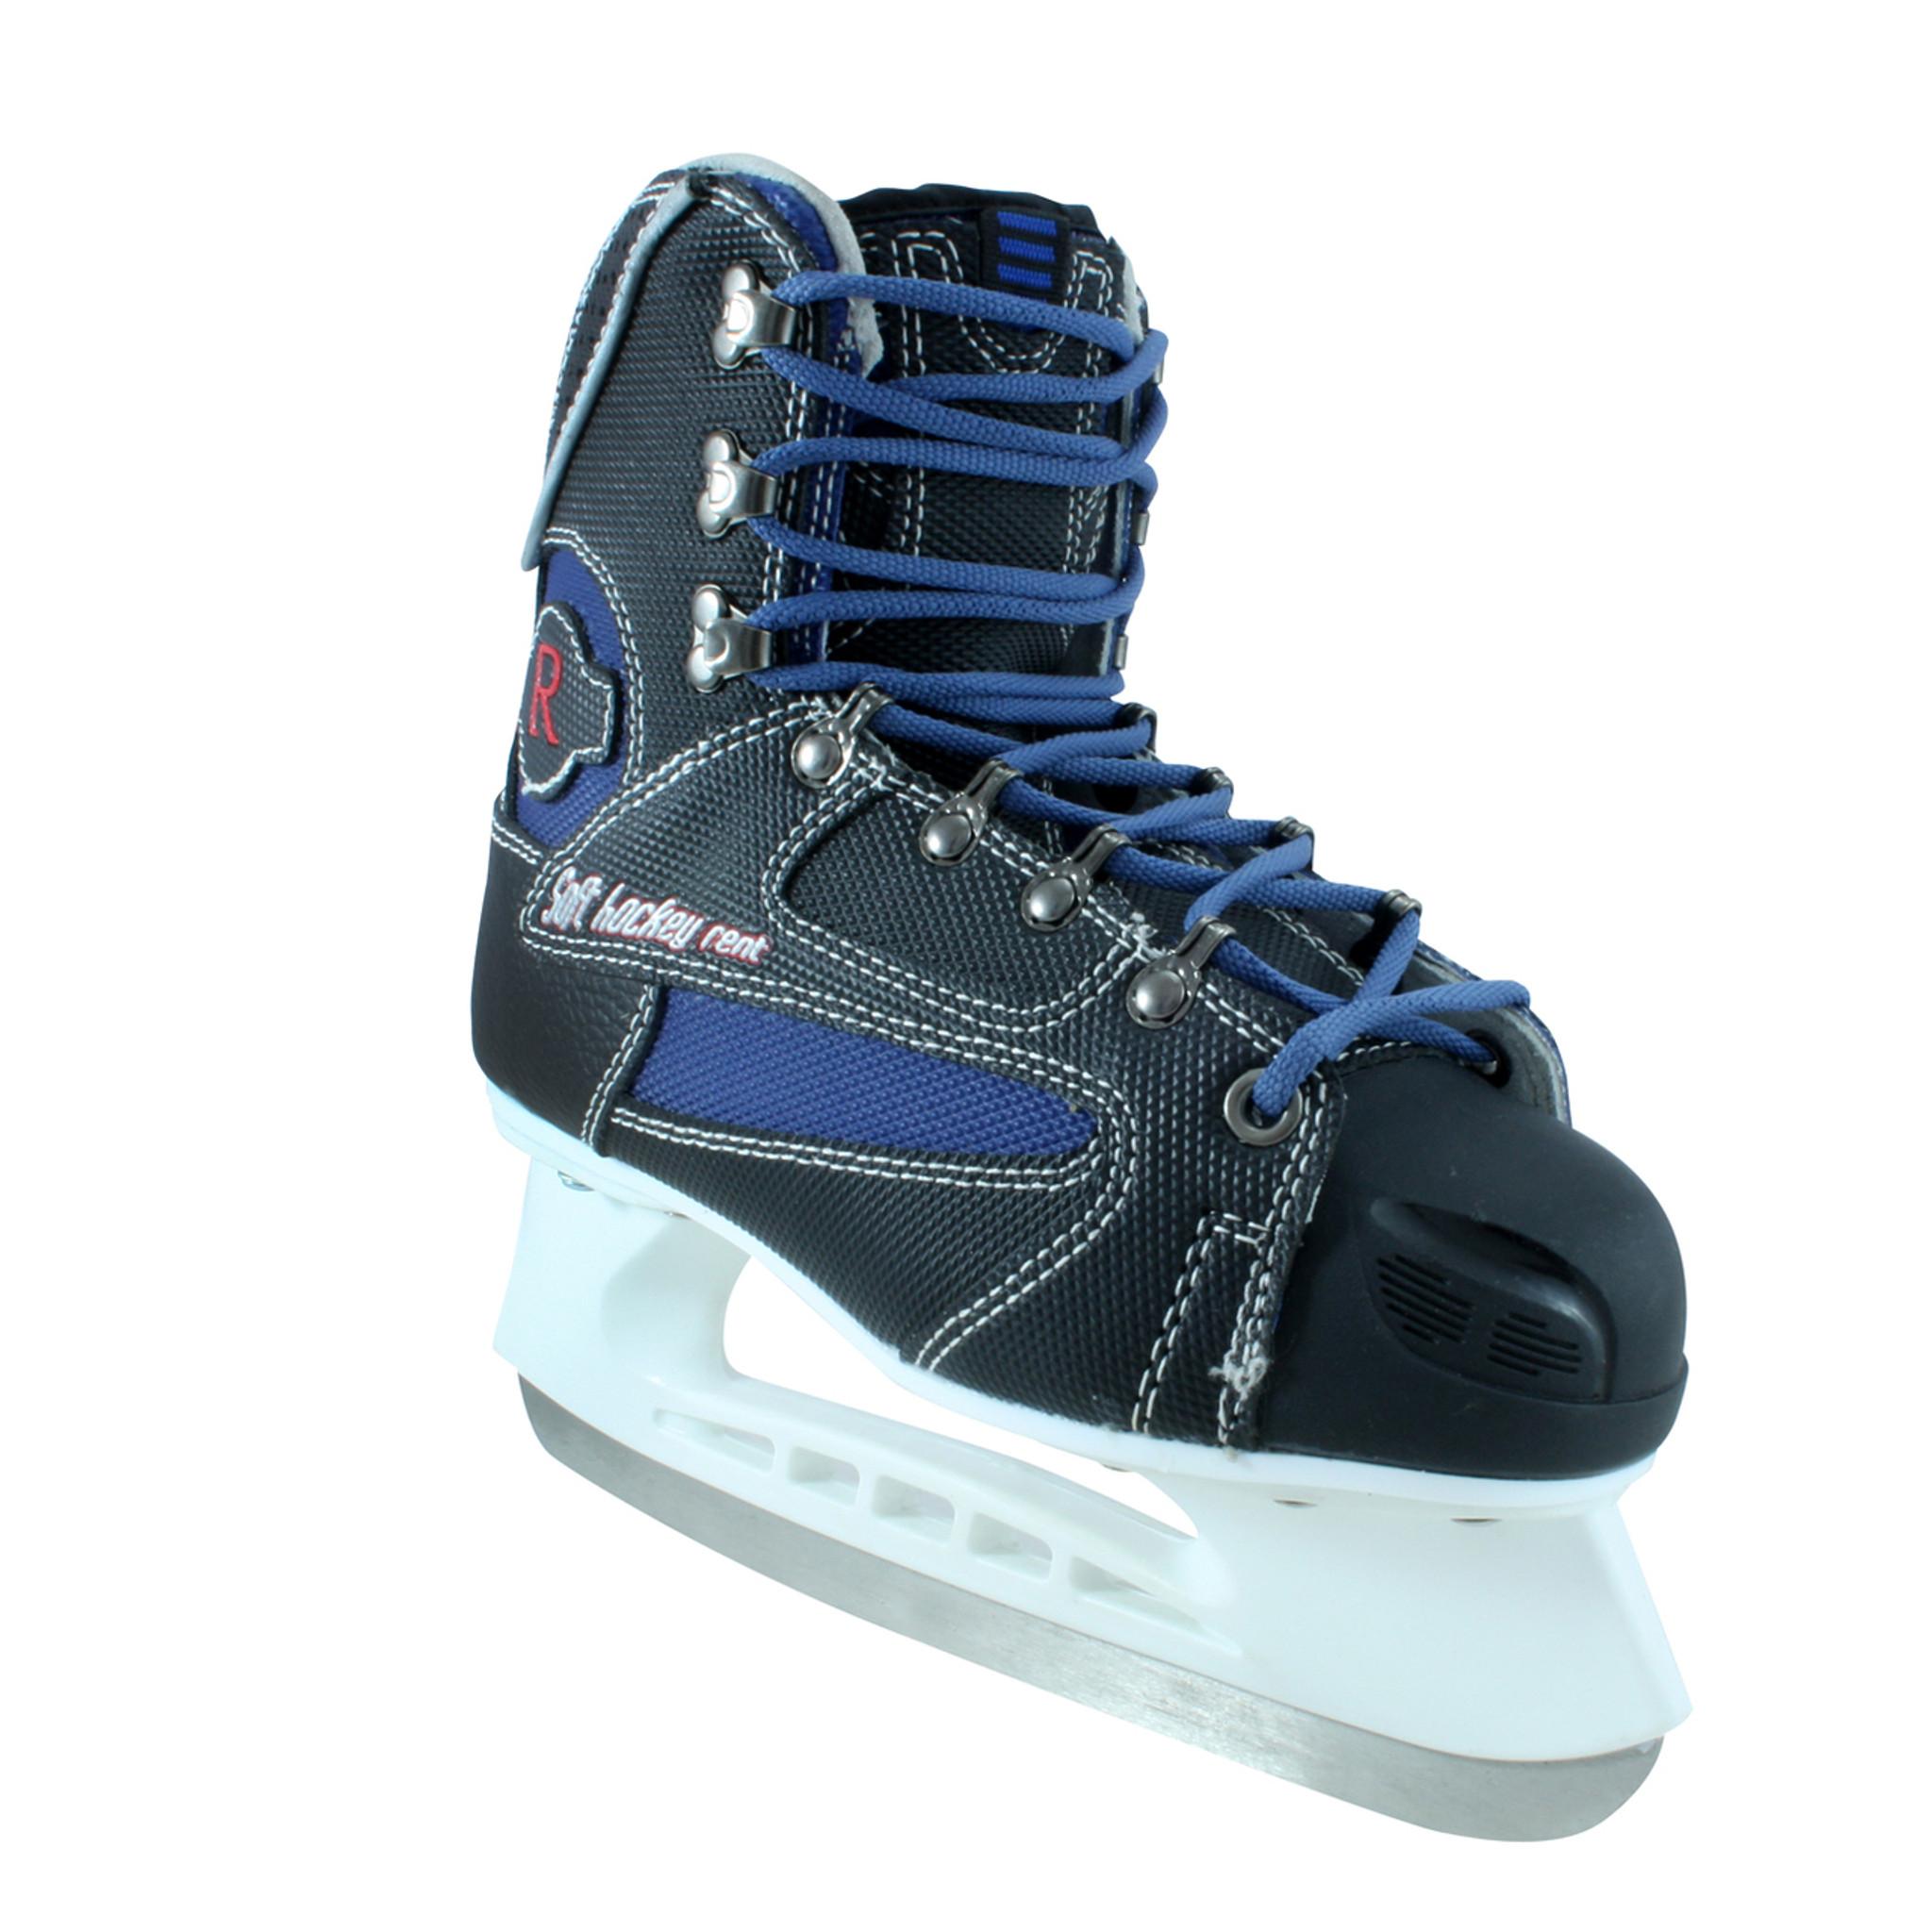 4739b40706d Rental Hockey Skates